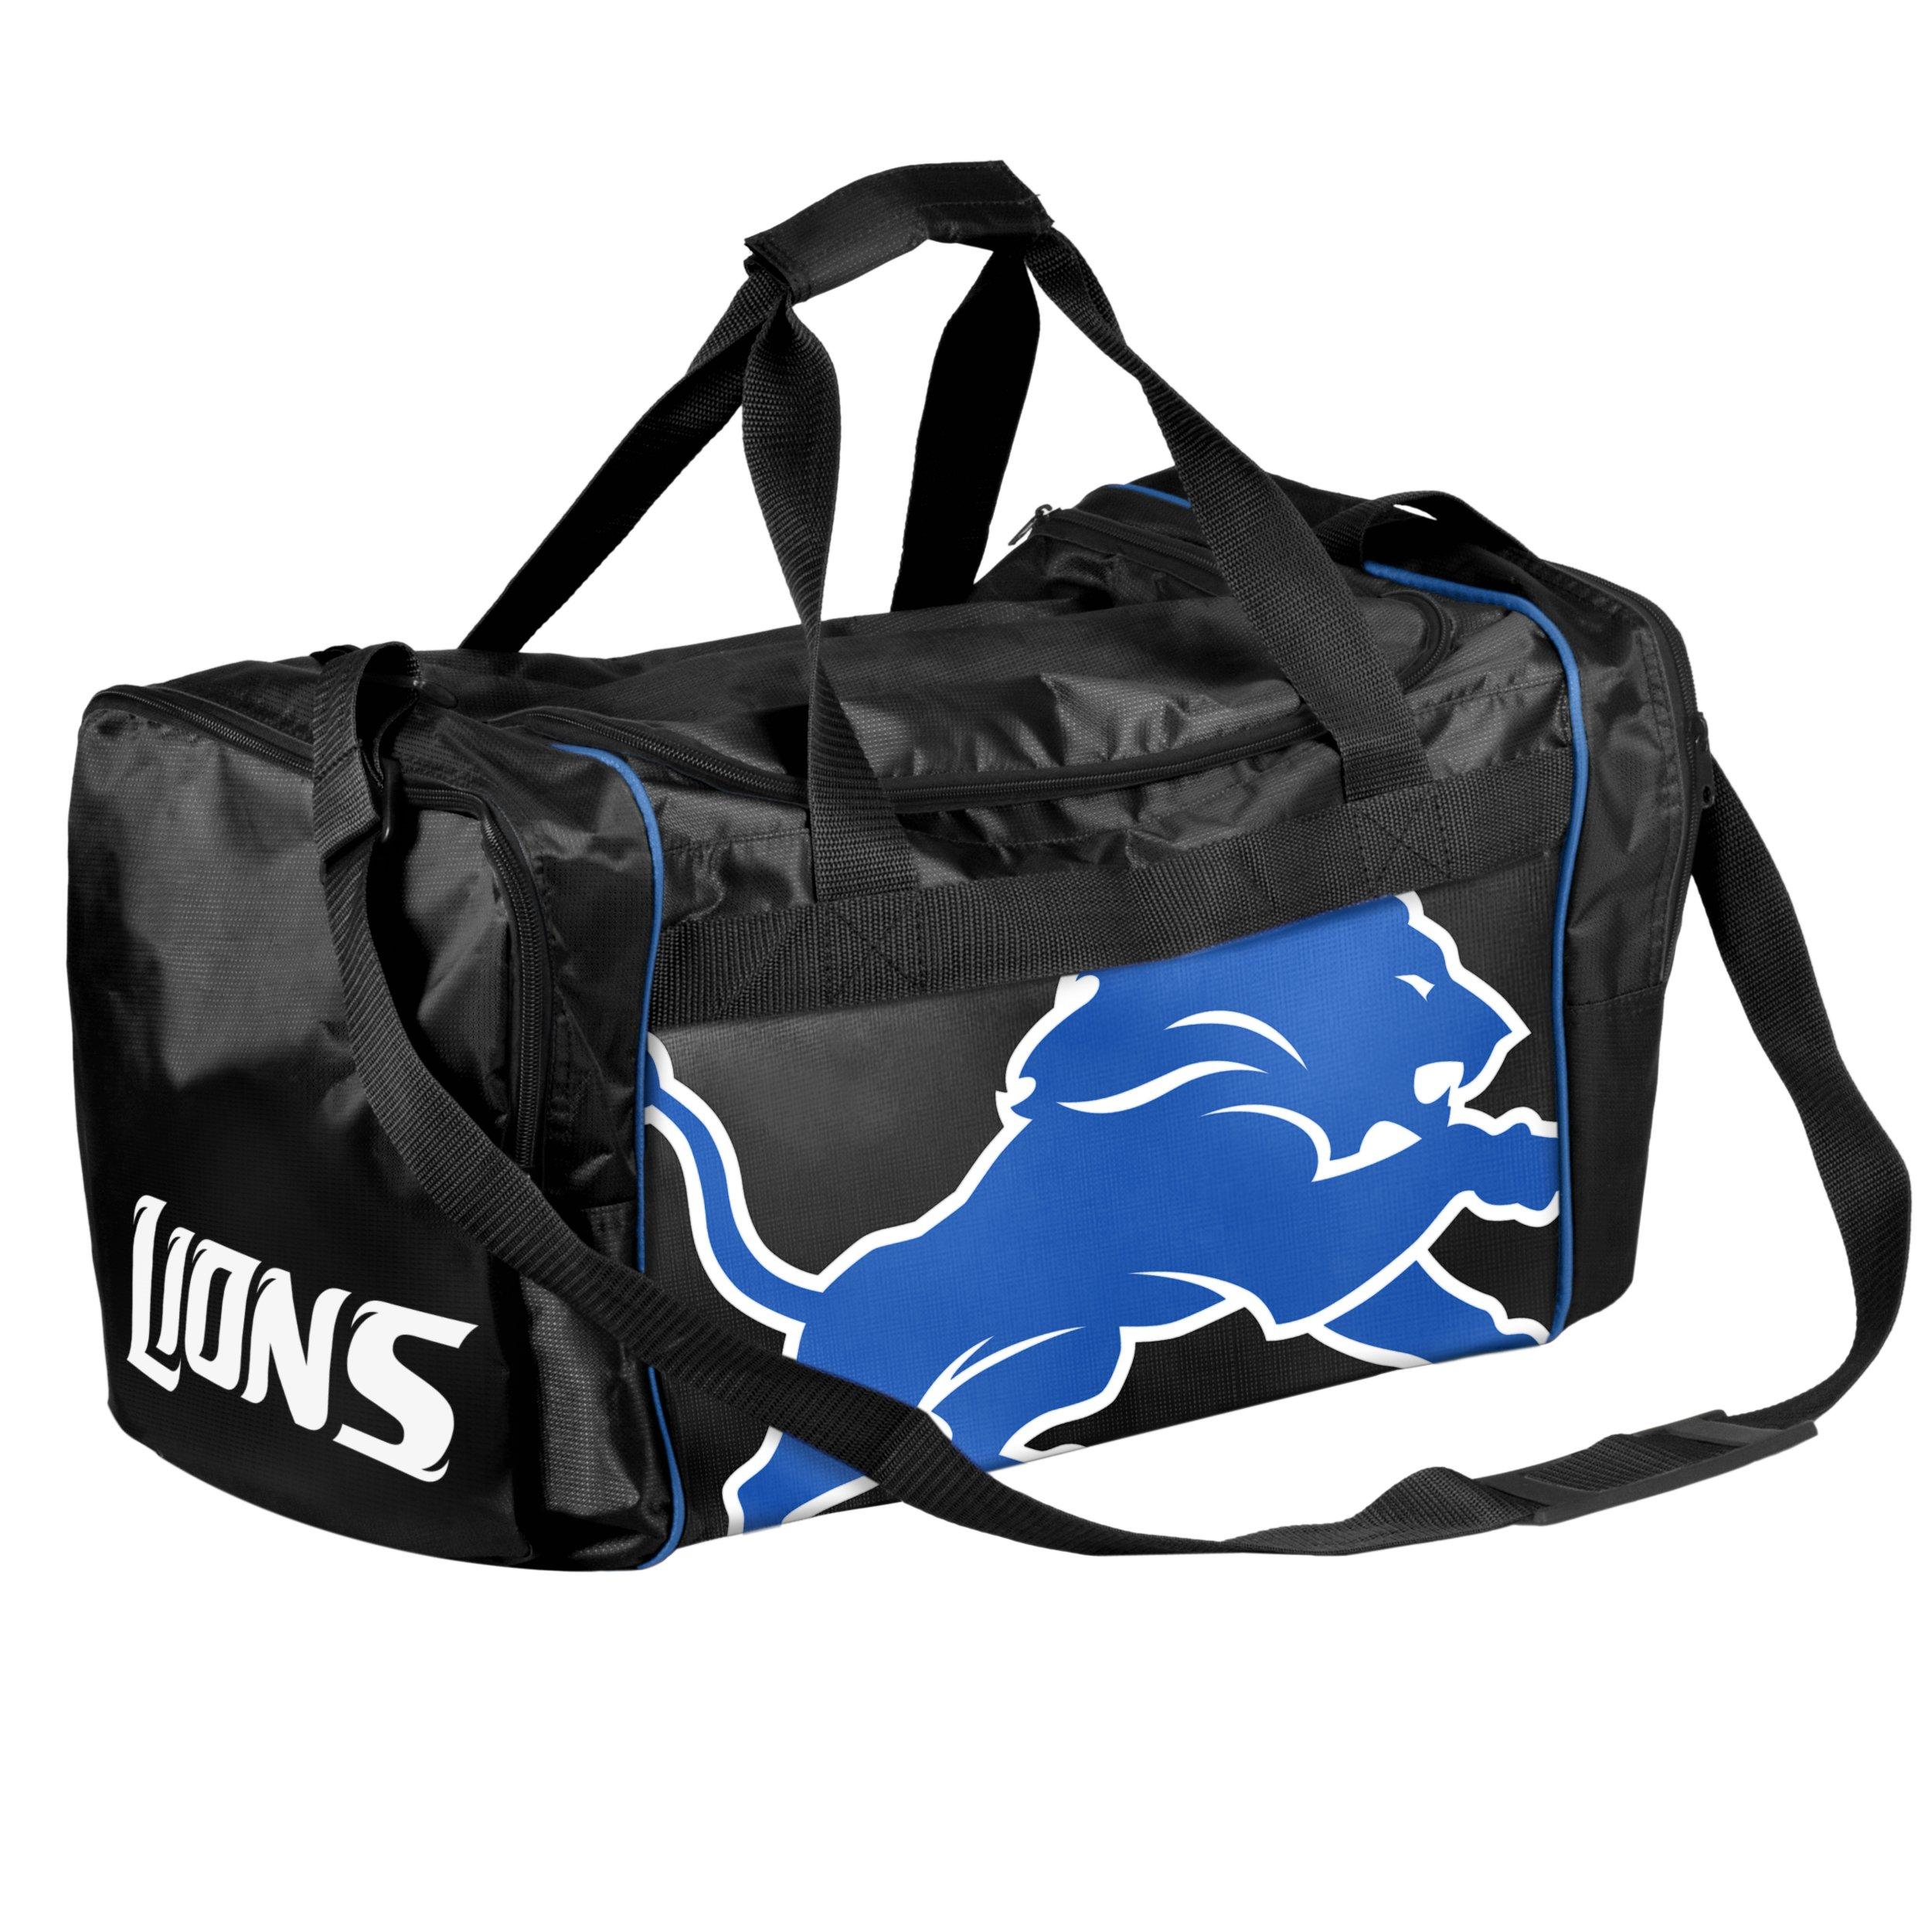 Forever Collectibles NFL Detroit Lions Core Duffle Bag